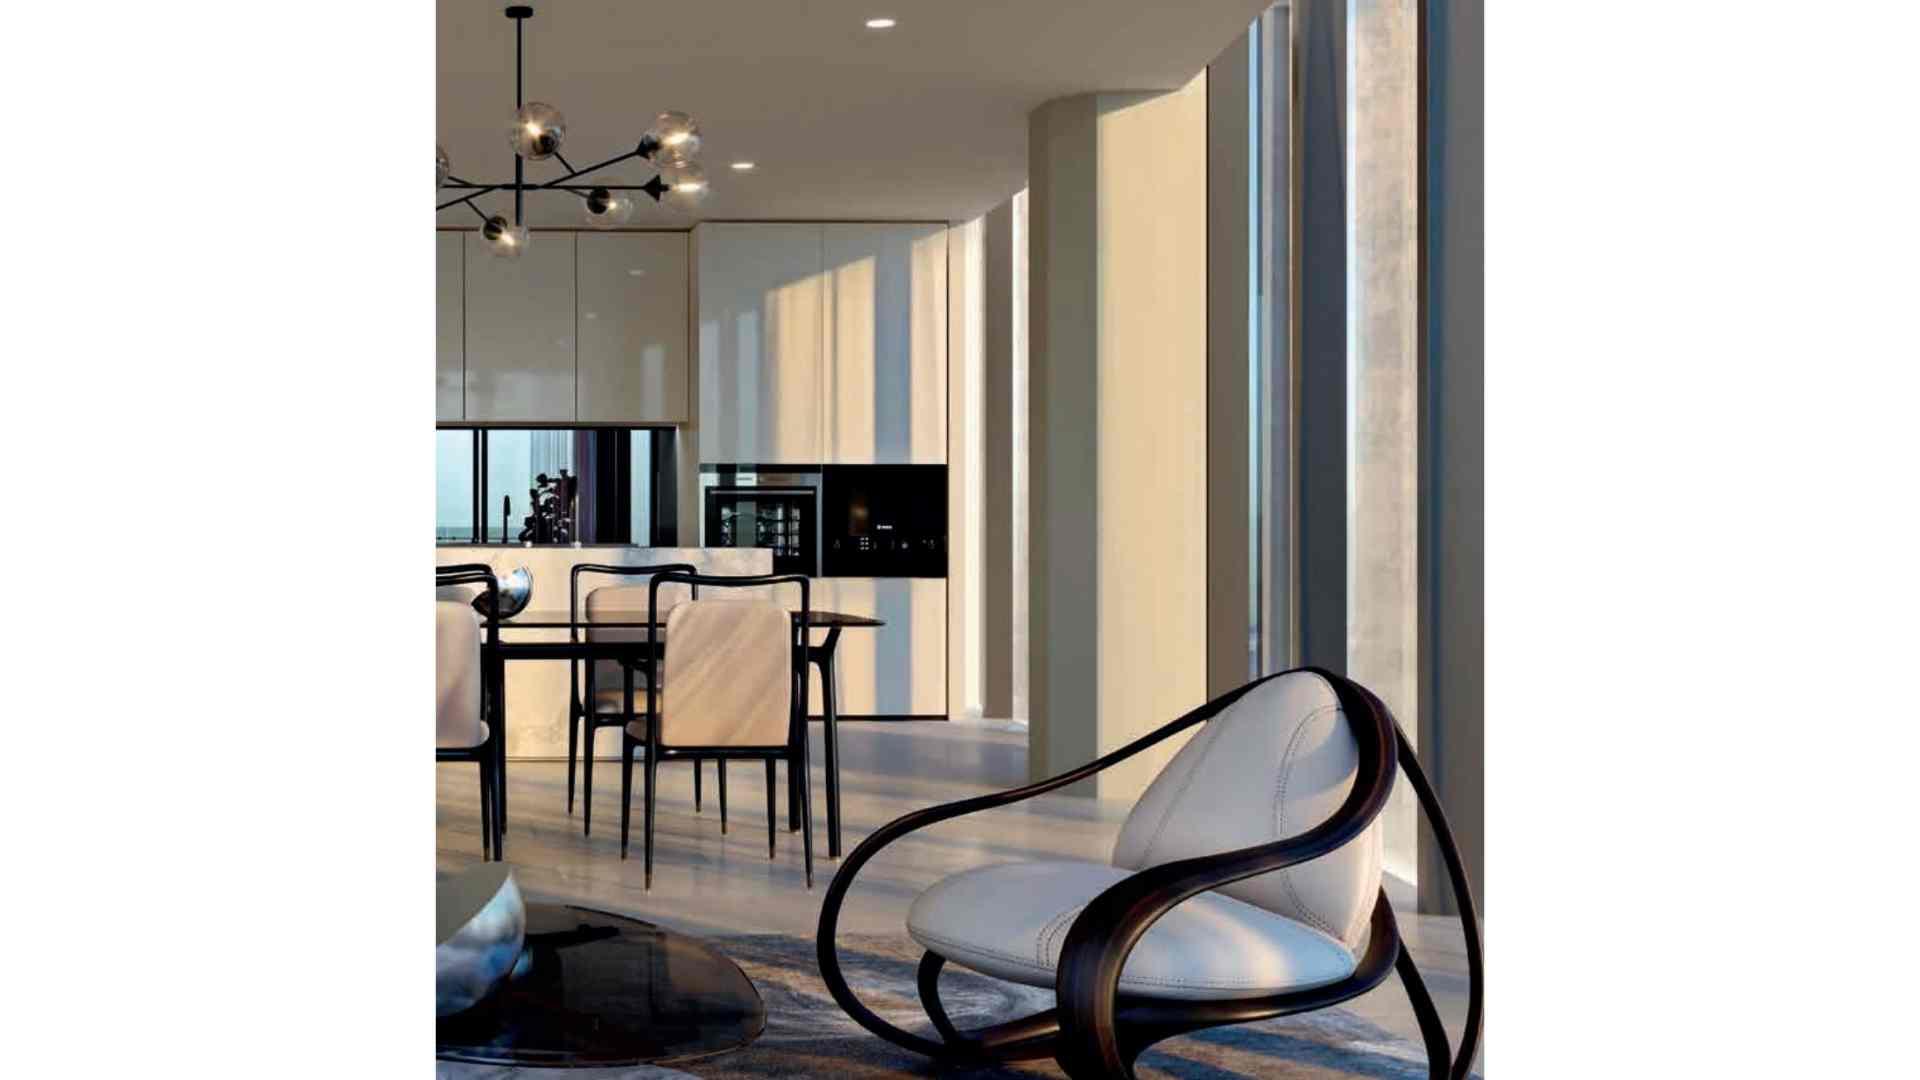 cream apartment interior with black and cream furniture